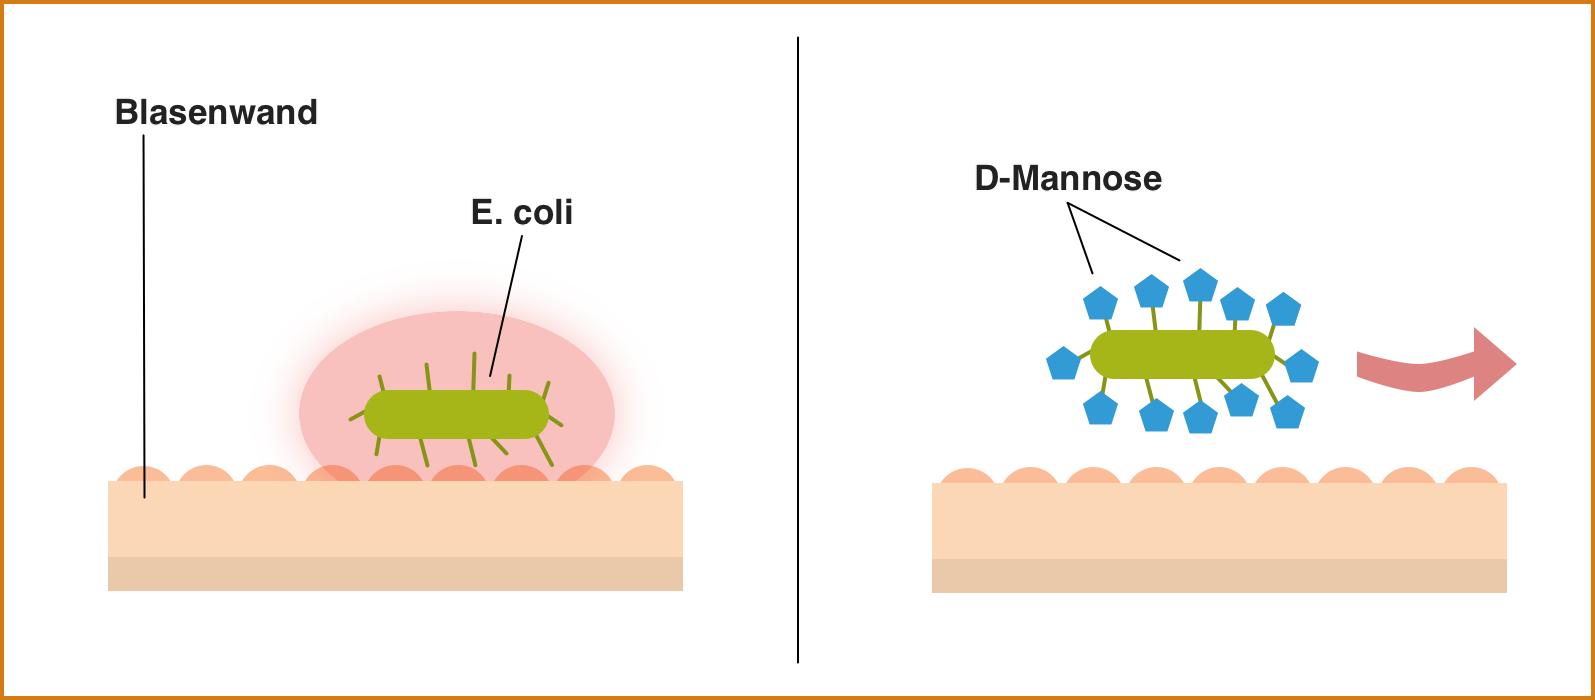 D-Mannose, potentielle Wirkung bei Blasenentzündung, E. coli wird von D-Mannose Molekülen ummantelt und über den Urin ausgeschieden